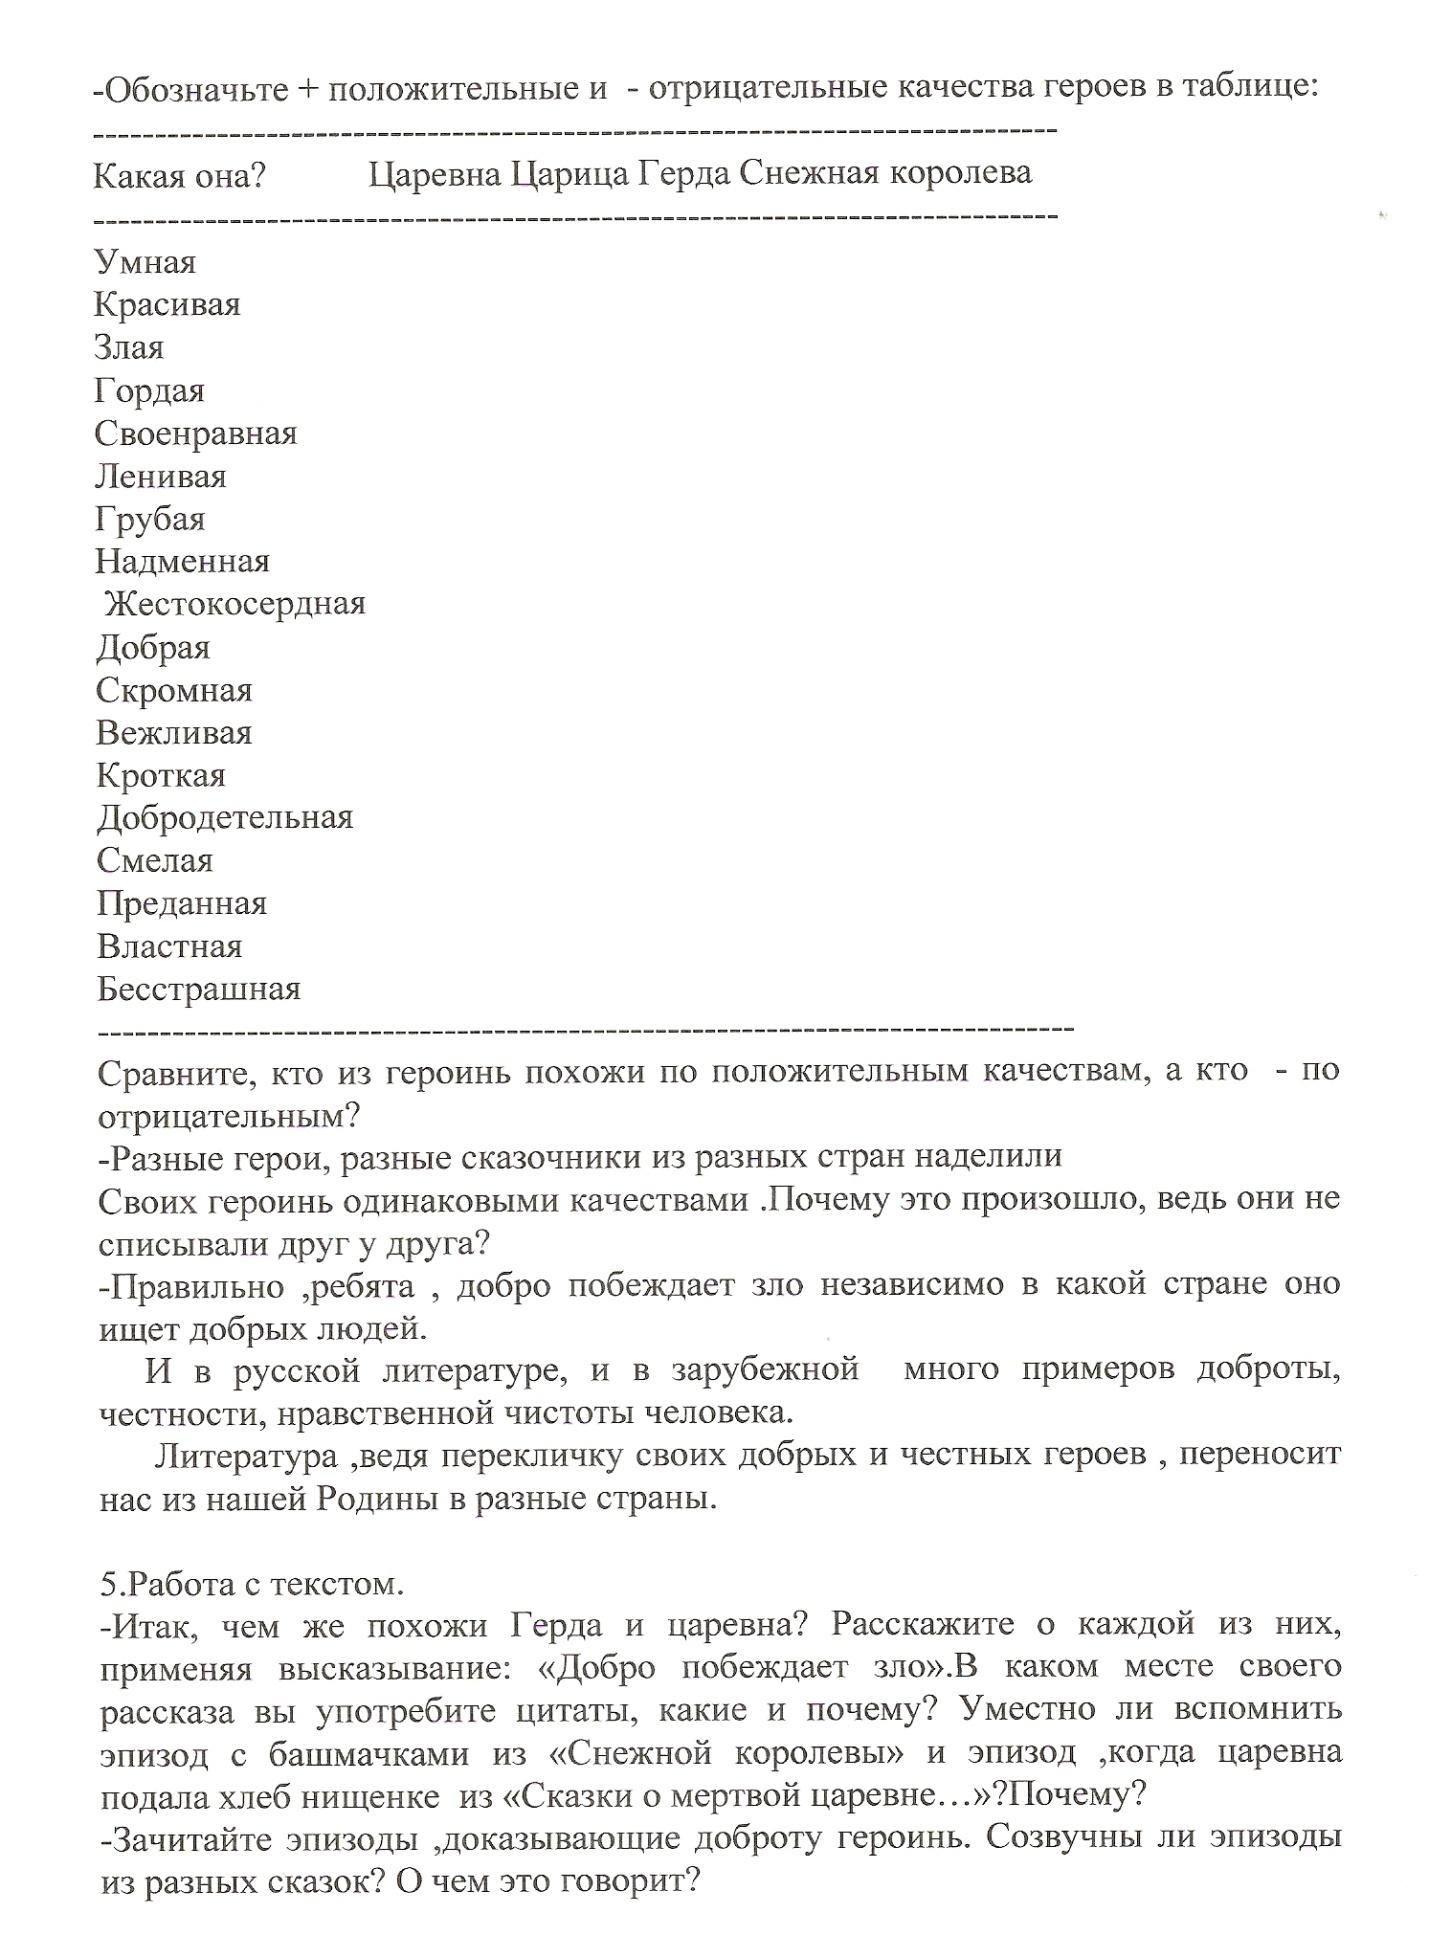 D:\Сохранение\Русский язык и литература\Интеграция и диалог литератур\диалог литератур\сканирование0023.jpg